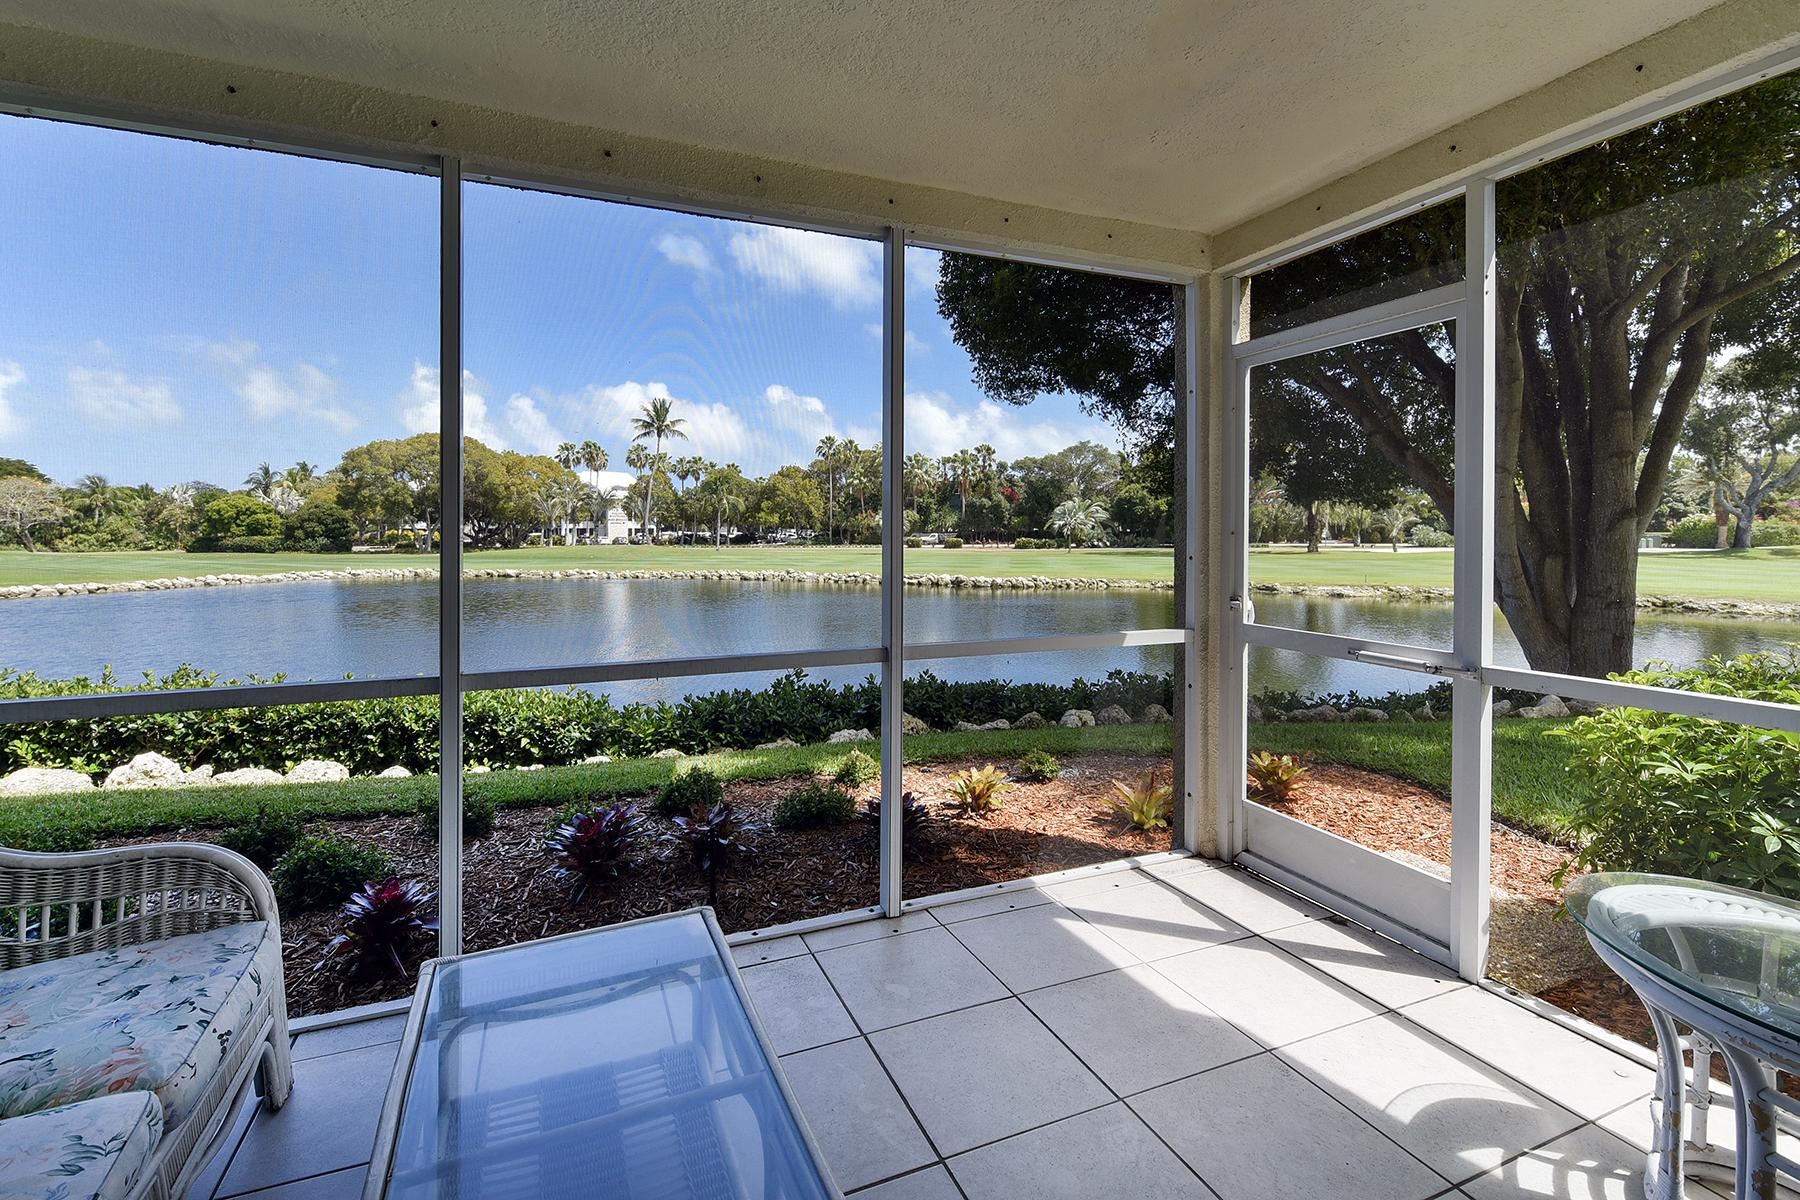 共管式独立产权公寓 为 销售 在 Golf Course Living at Ocean Reef 7 Lakeside Lane, Unit A Ocean Reef Community, 拉哥, 佛罗里达州, 33037 美国